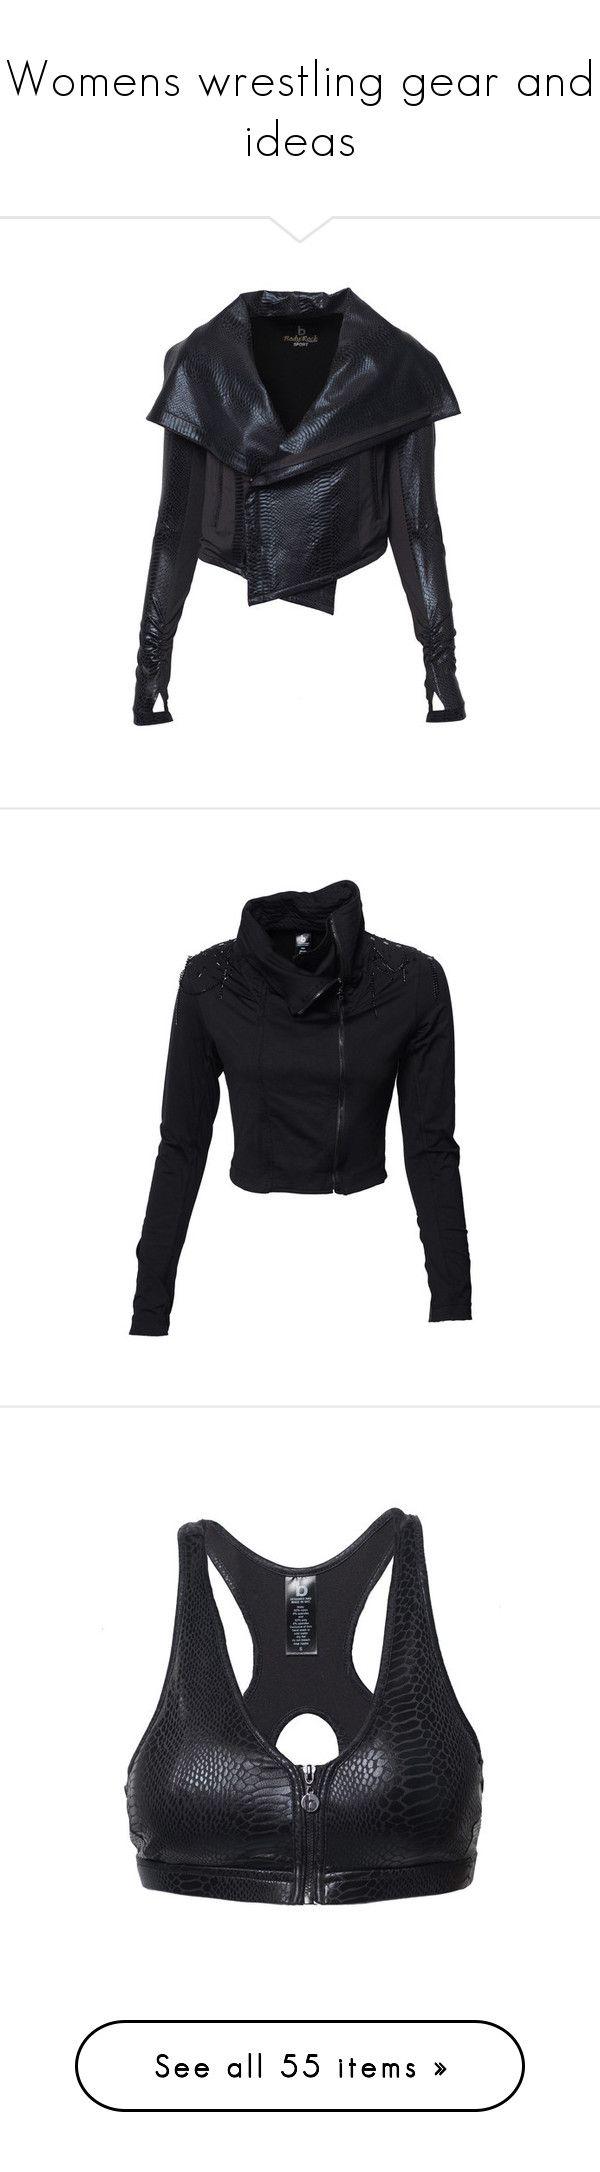 Top 25+ best Black waistcoat ideas on Pinterest | Sleeveless ...